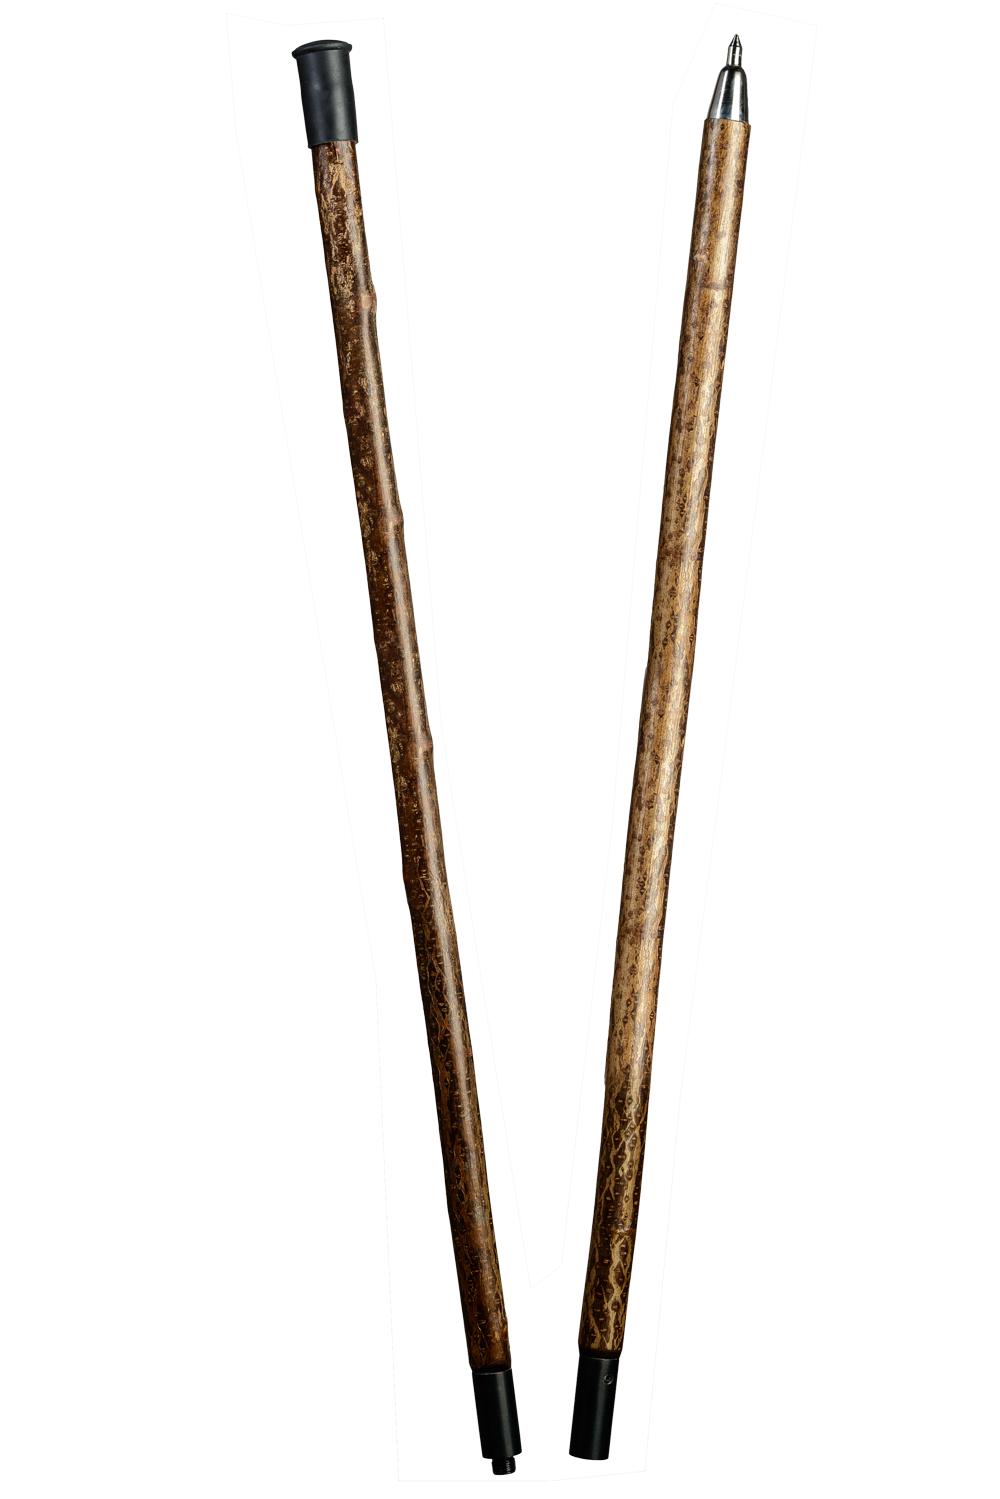 alpenstange haselnuss stabiler wanderstock aus On jagdstock haselnuss